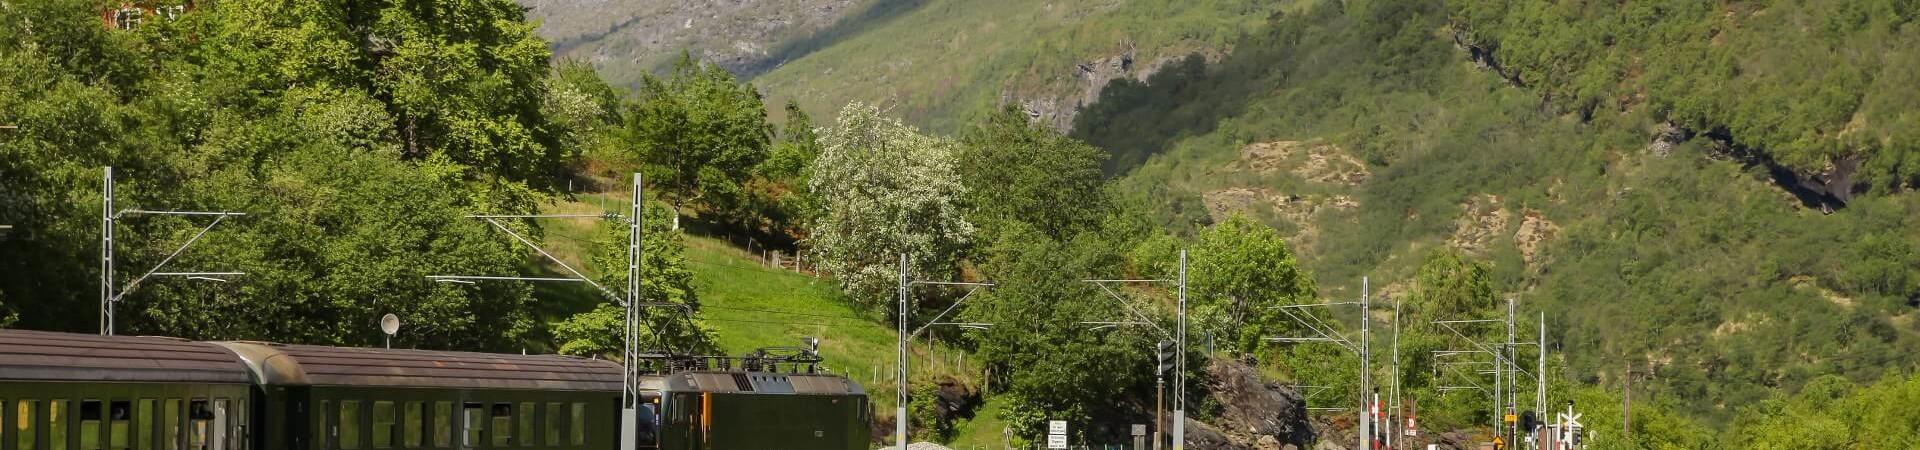 Flamsbana kolej w Norwegii